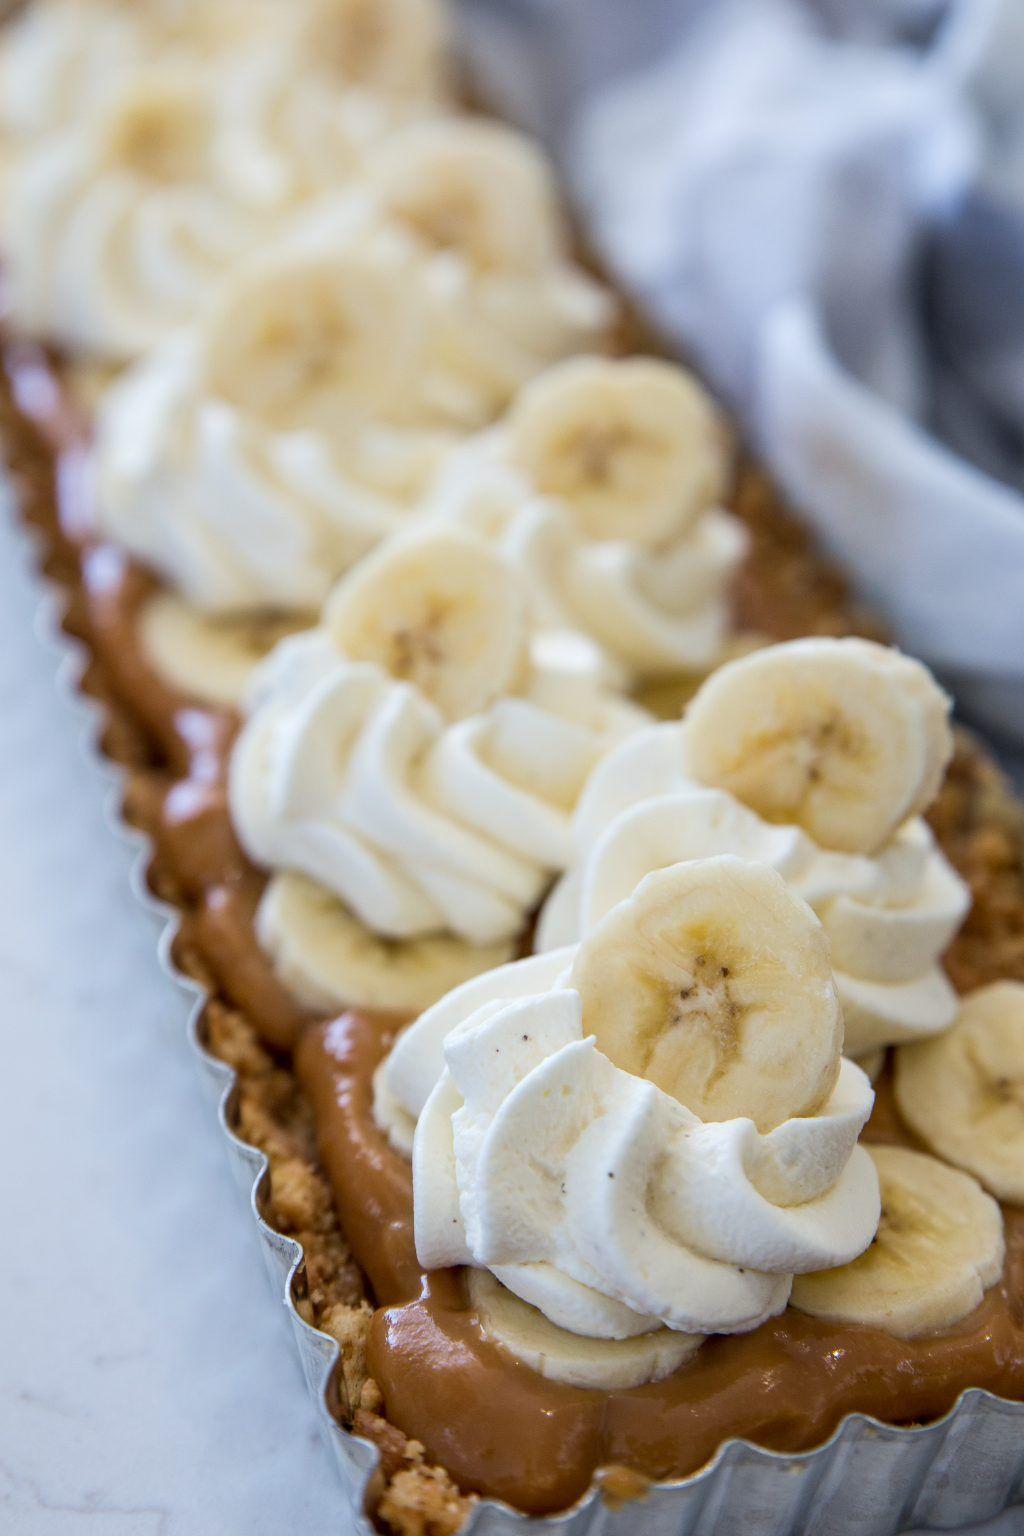 Banoffeepaj   Enkel paj med banan och kola is part of Bakery desserts - Banan, kola, grädde och krispig digestivebotten! Banoffeepaj är en given succé!